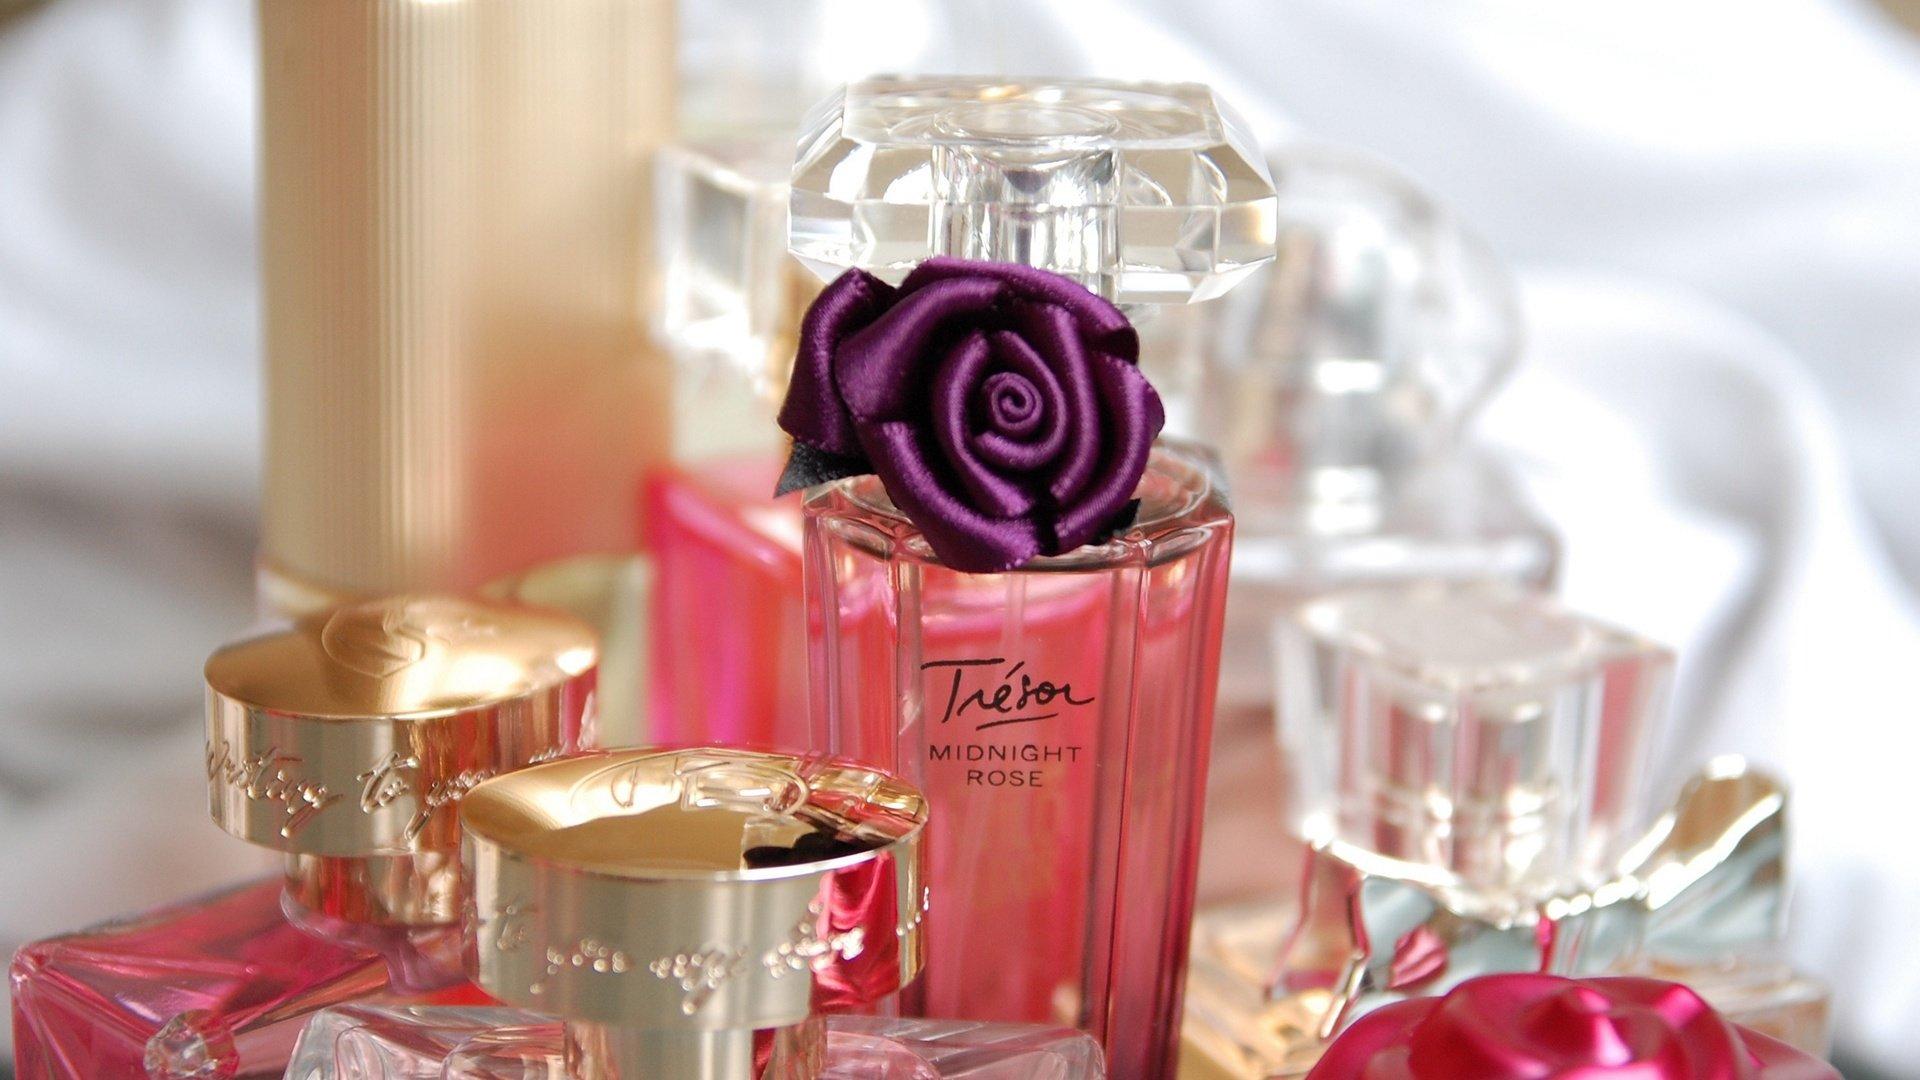 Топ-5 ошибок в нанесении парфюма, из-за которых он не будет держаться долго